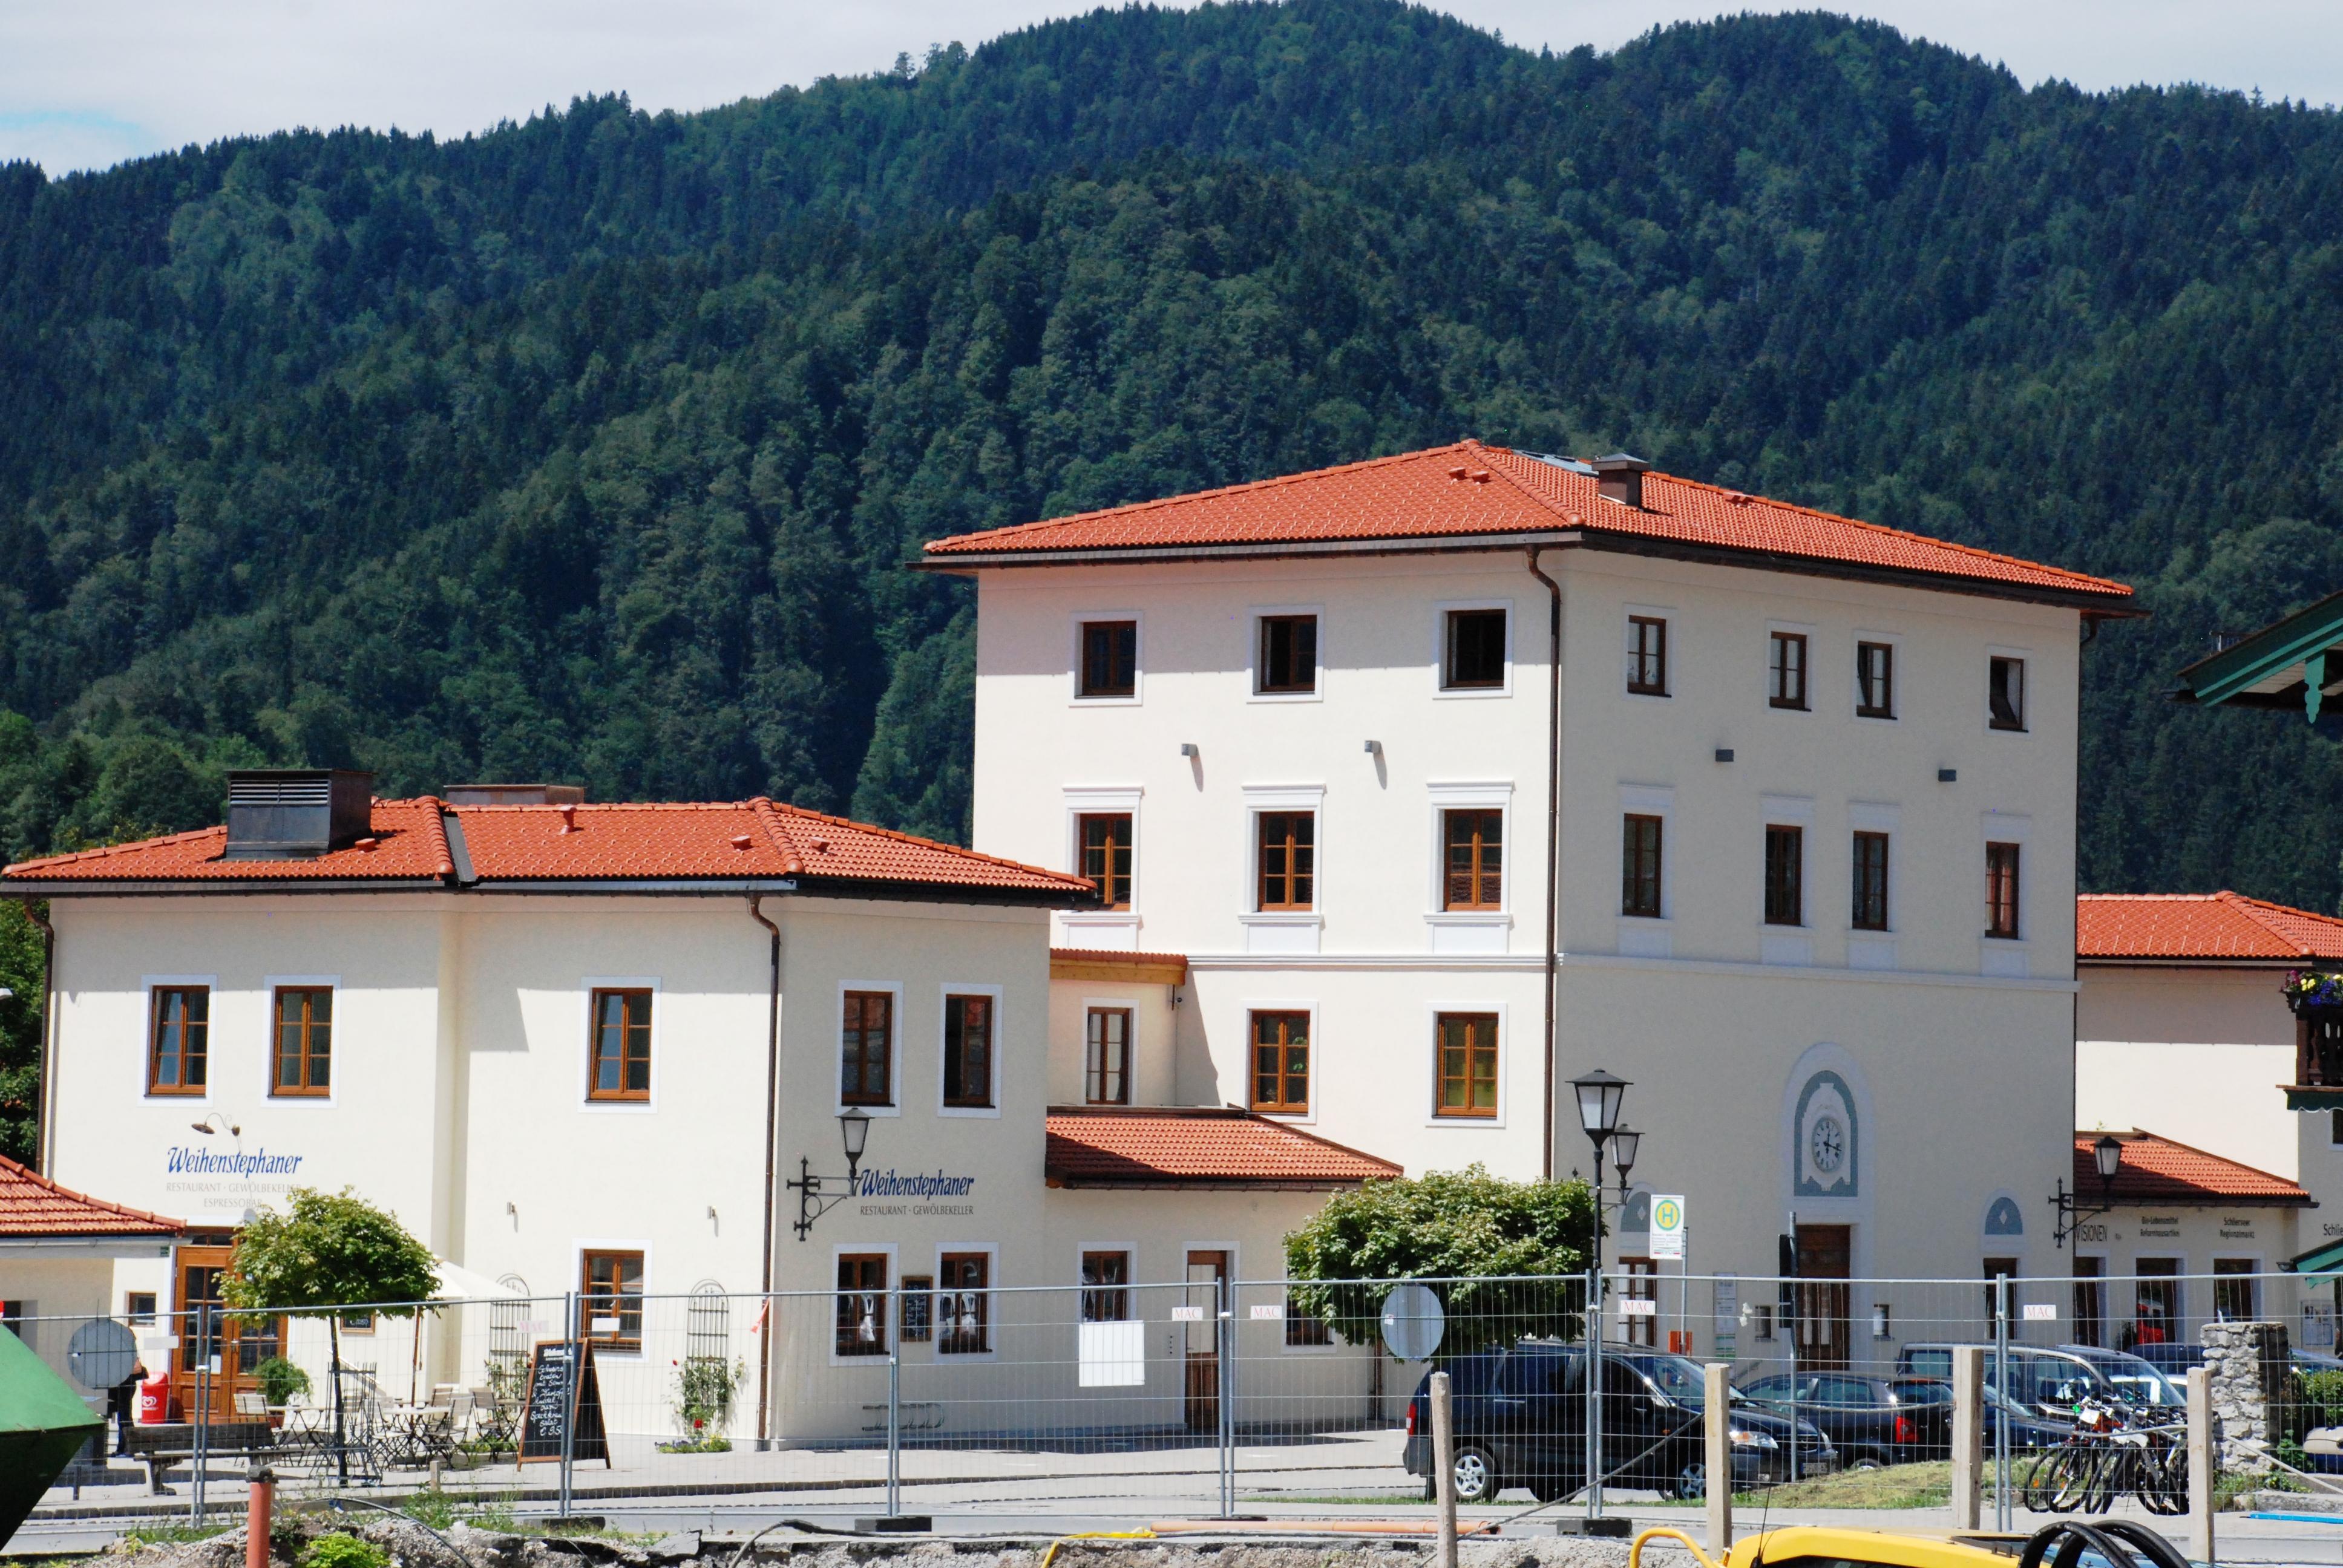 Bahnhof Schliersee Wikipedia